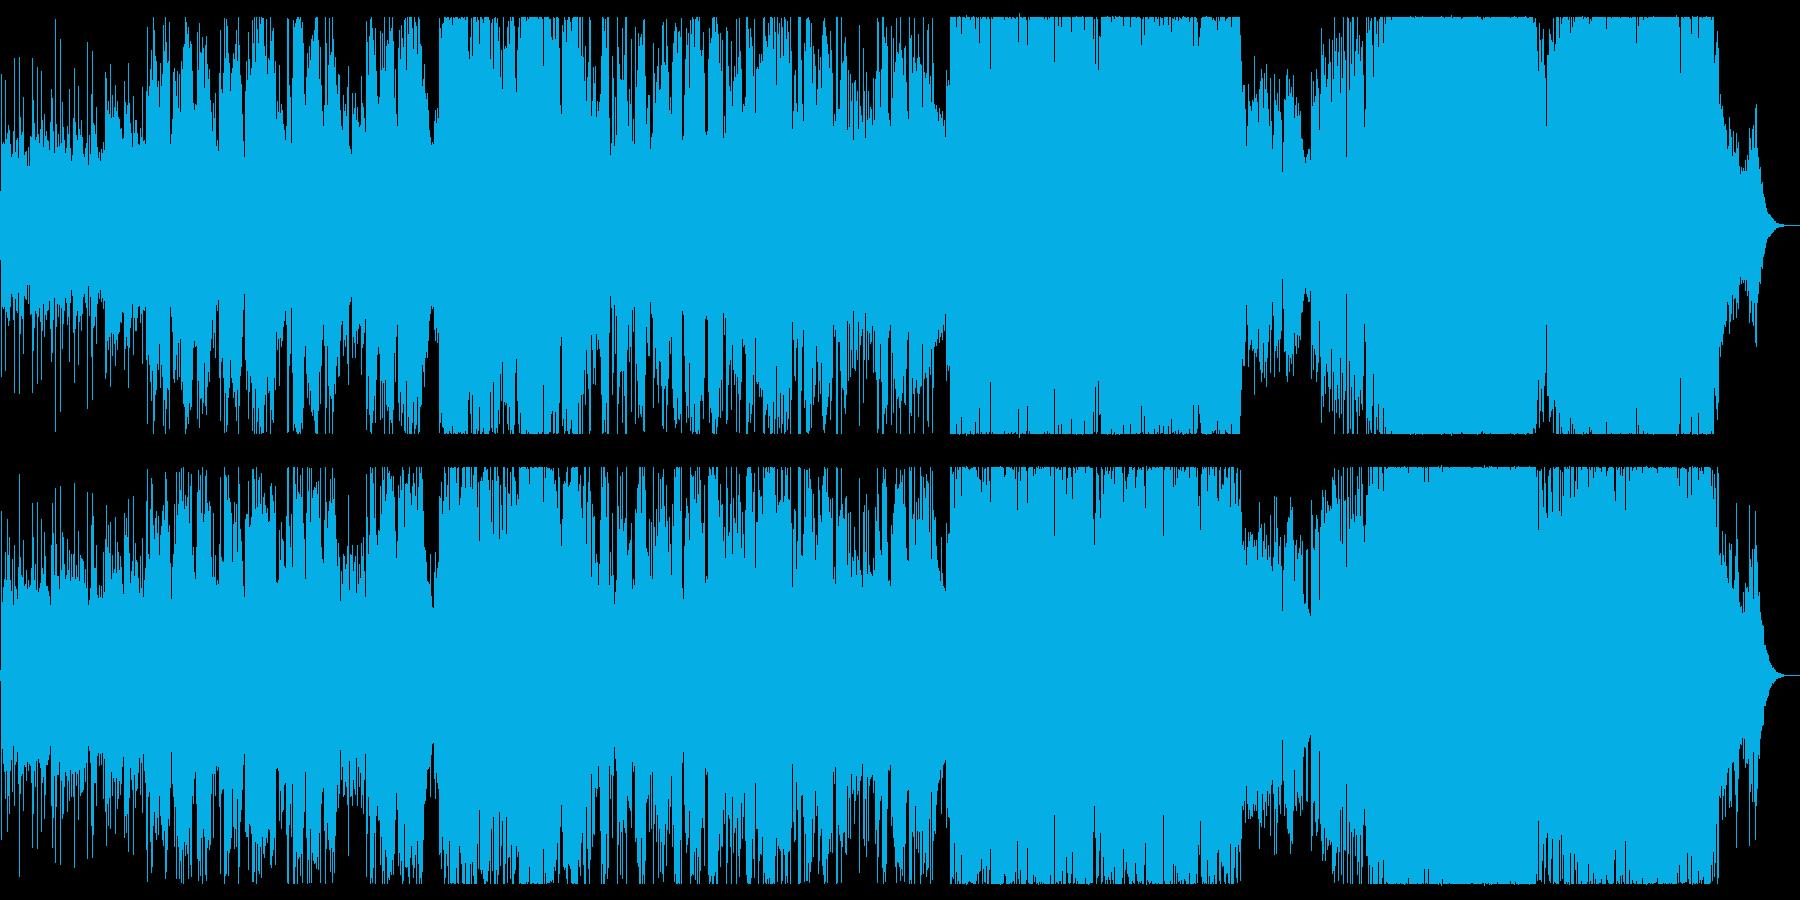 源氏物語を題材とした和風バラードの再生済みの波形